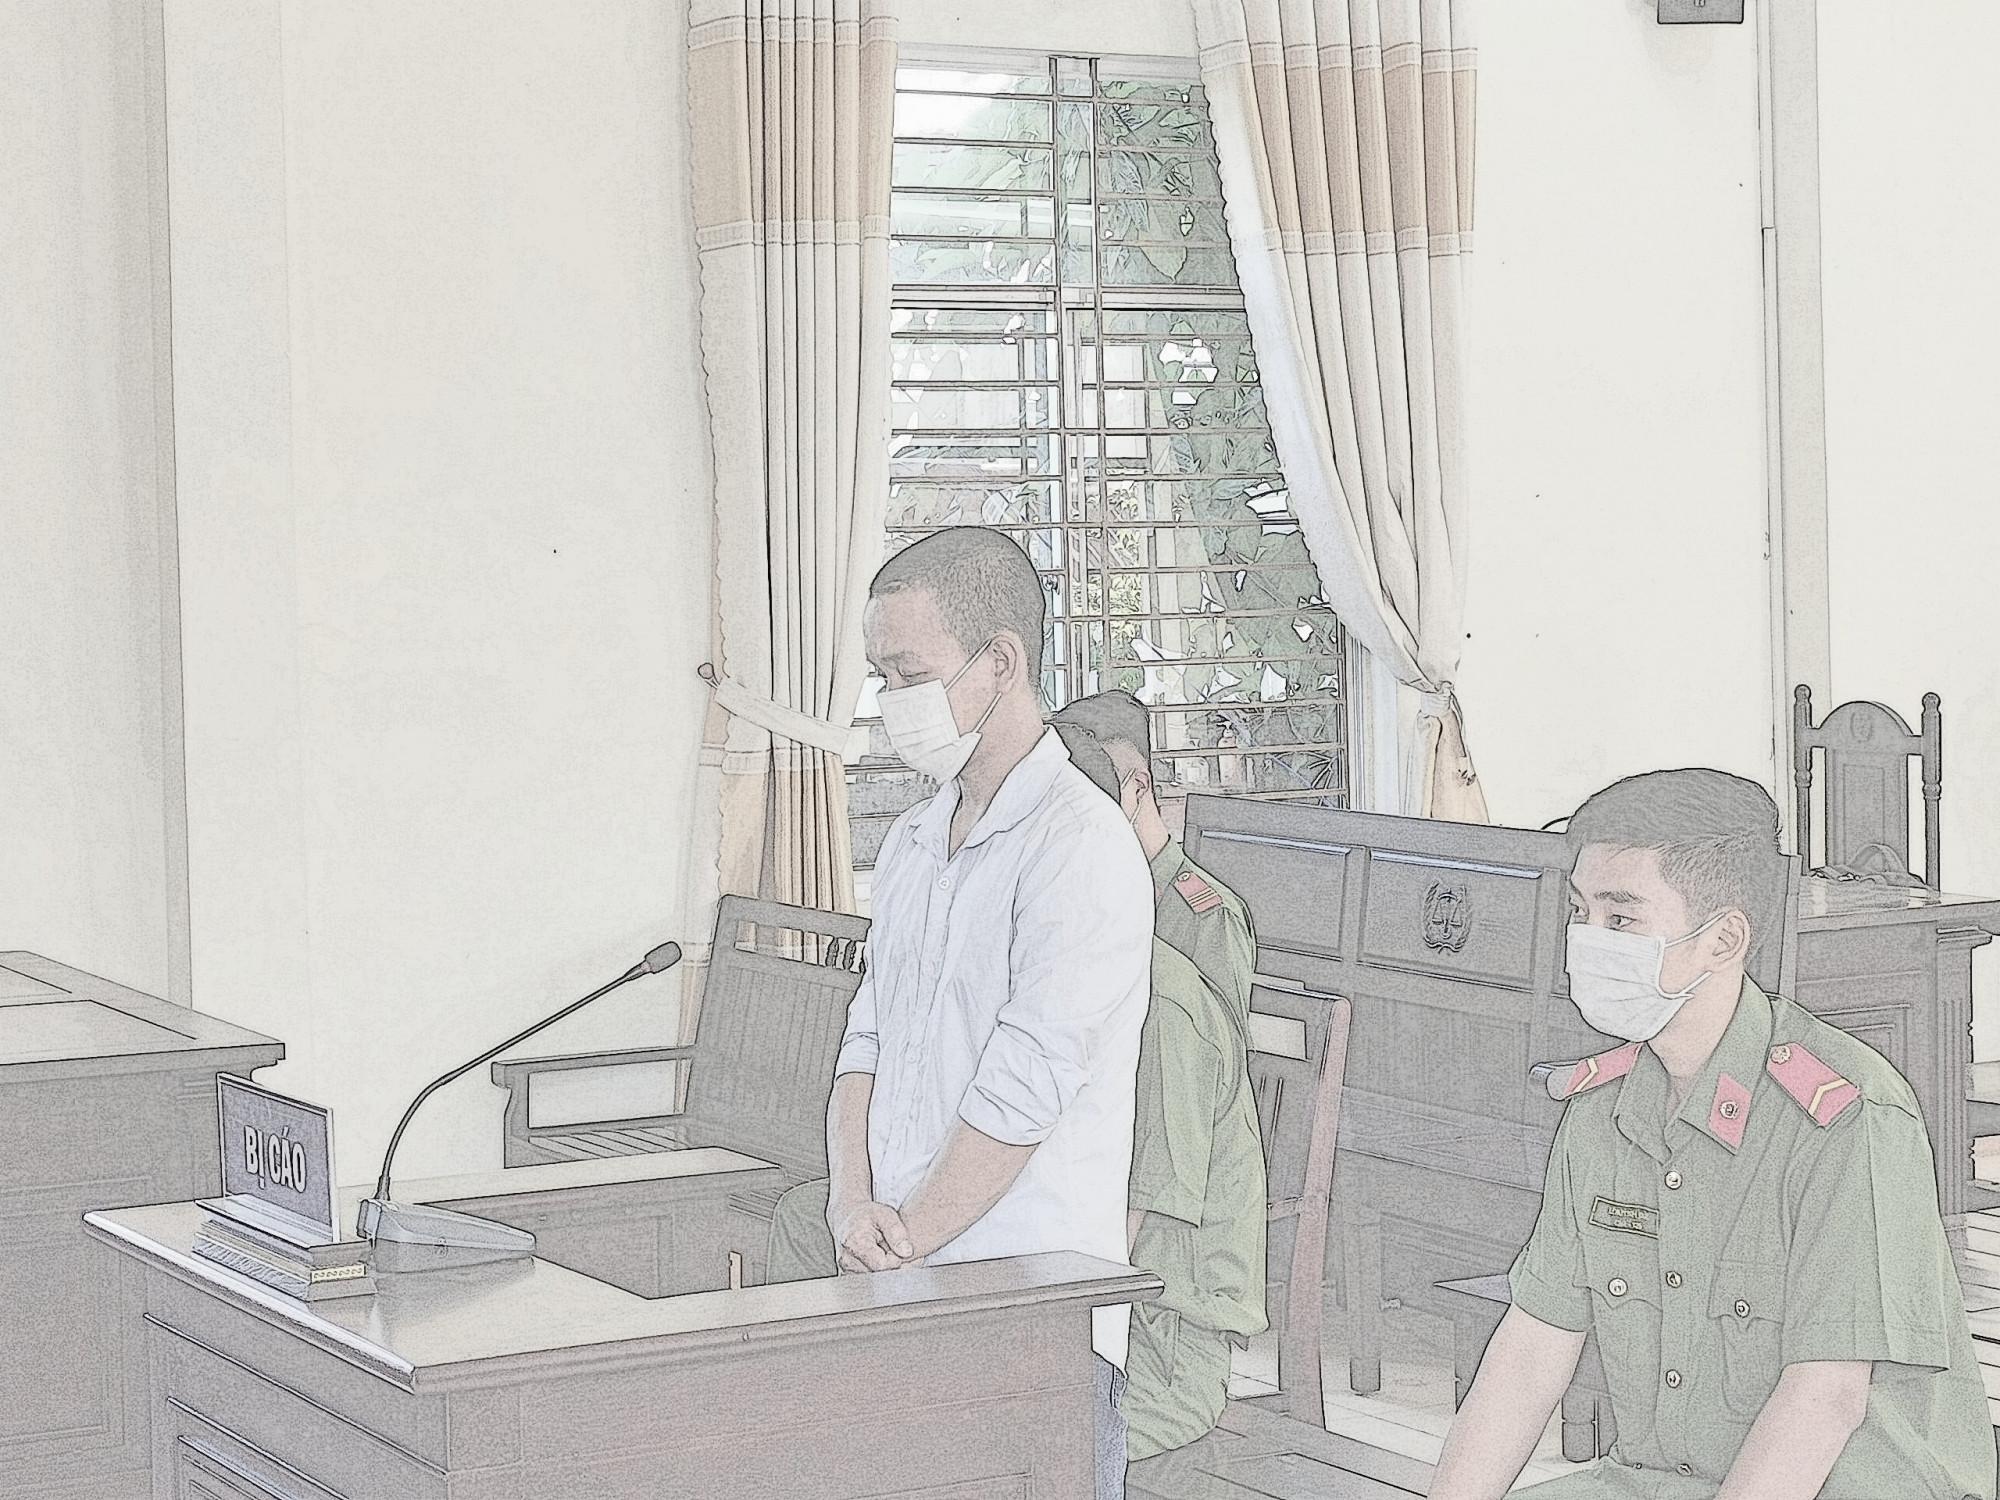 Đối tượng thông chốt kiểm dịch, đánh cảnh sát giao thông tại phiên tòa sáng 1/7